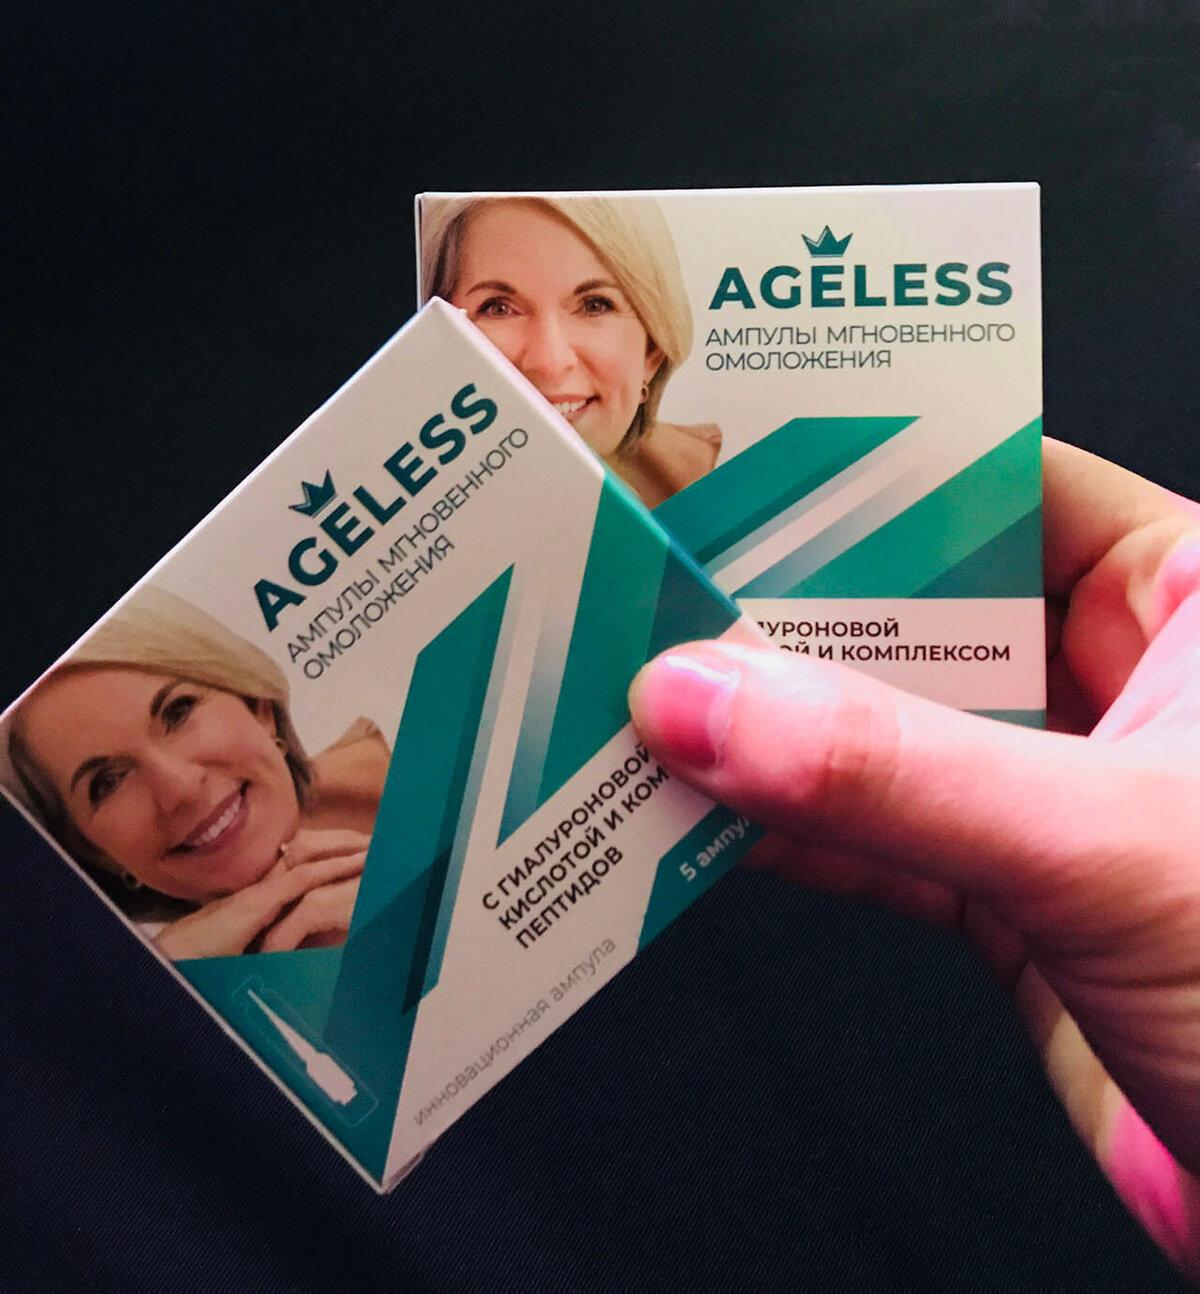 AGELESS - сыворотка мгновенного омоложения в Находке